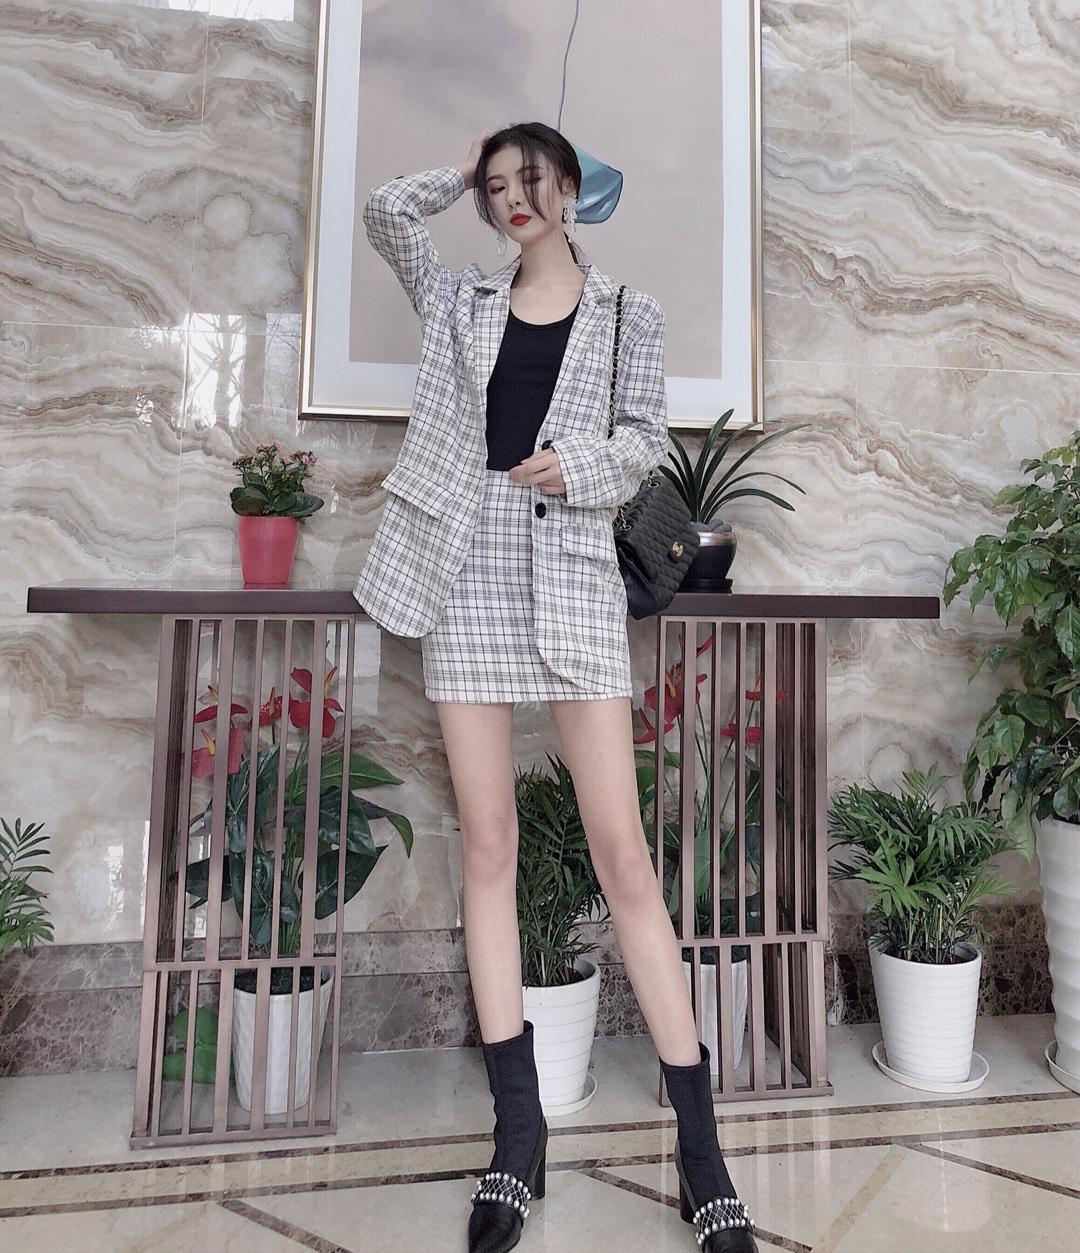 名媛风OL通勤look 小西装真的是大爱呀,休闲通勤都可以选择,套装非常适合懒得搭配的宝宝啦,直筒西装短裙露出大长腿,再配上一双珍珠元素的粗跟马丁靴,个性十足